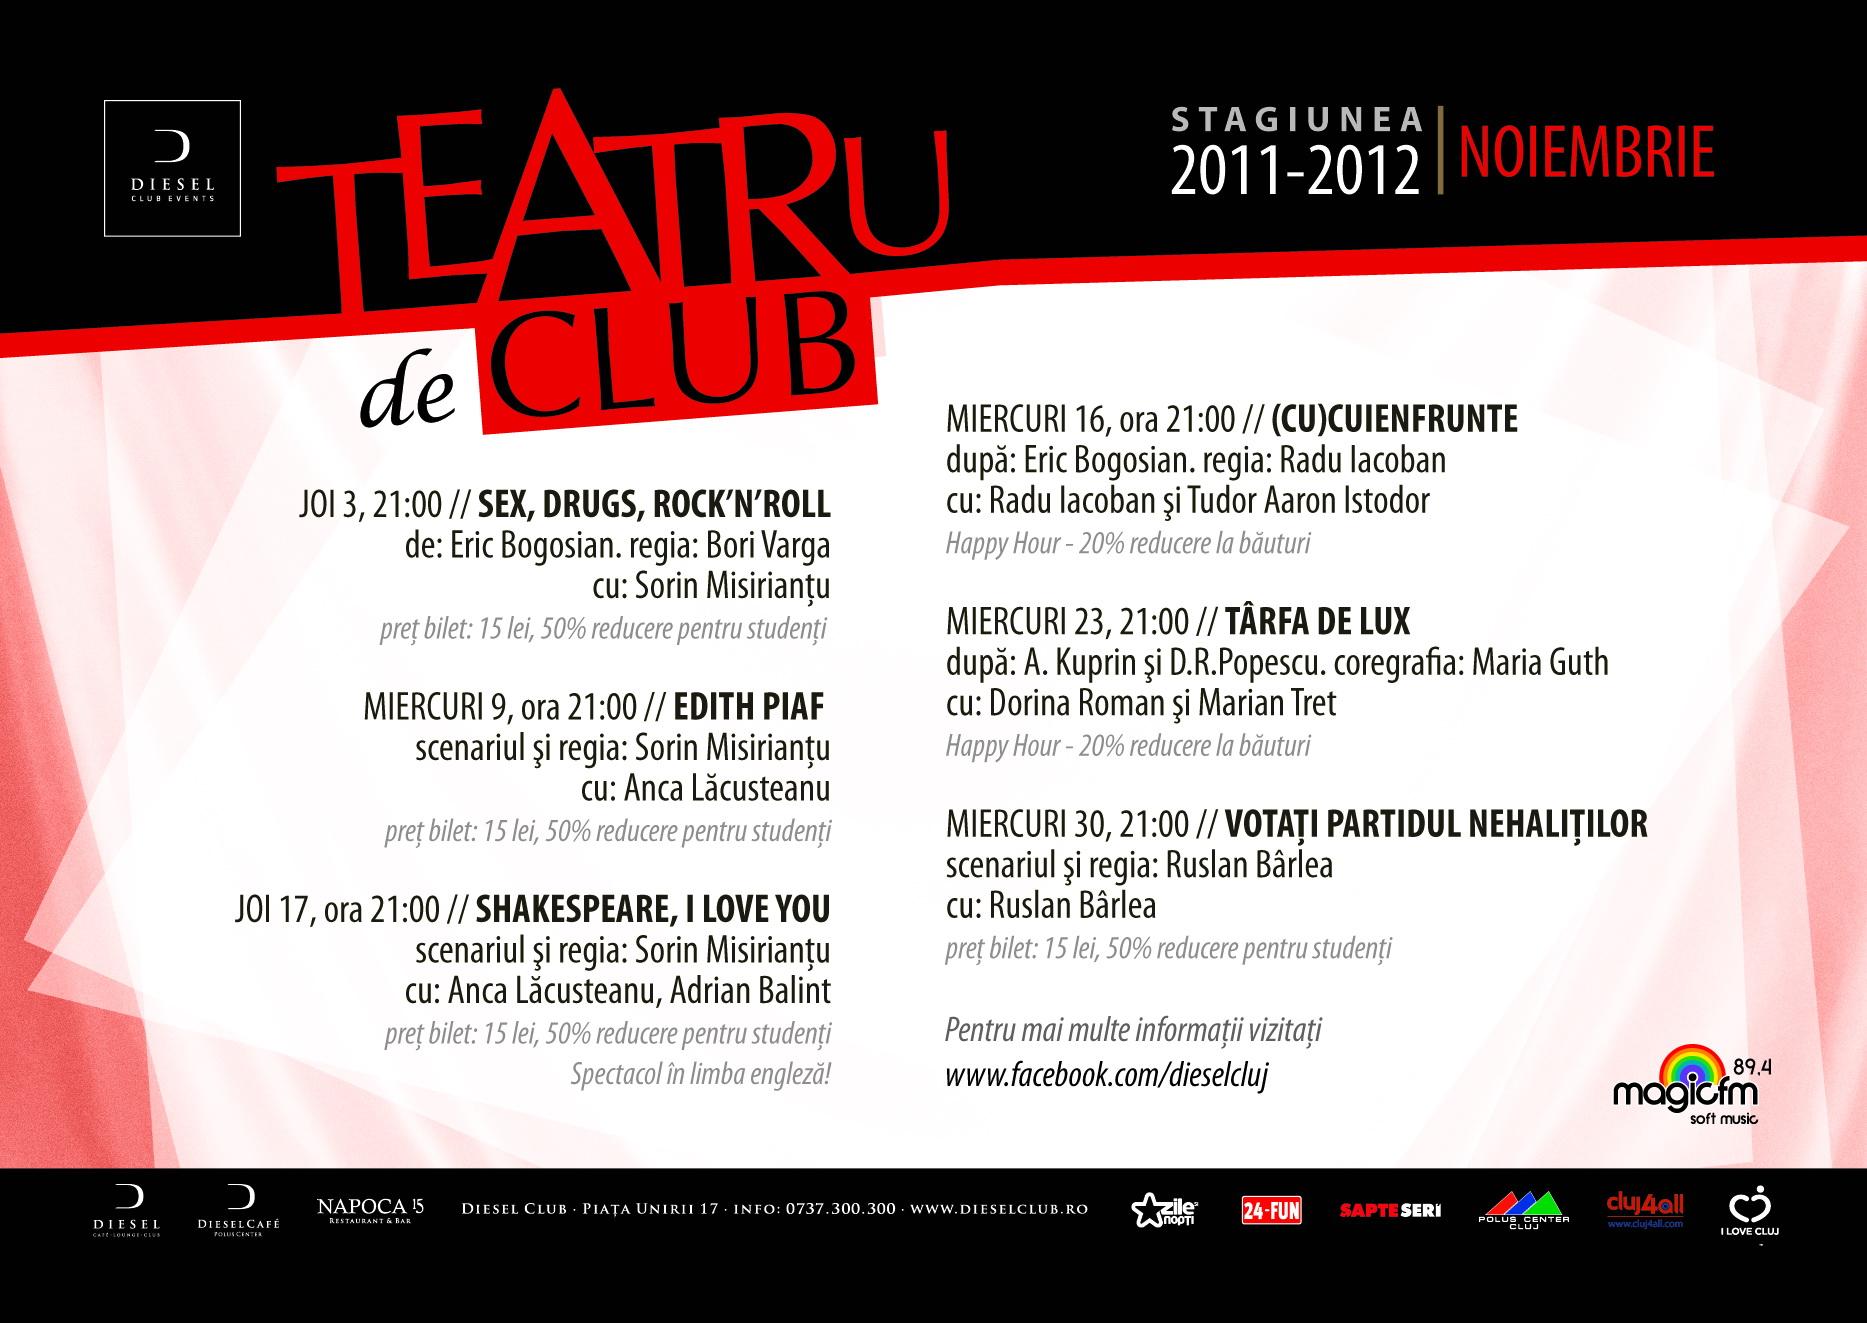 Teatru de Club – Noiembrie 2011